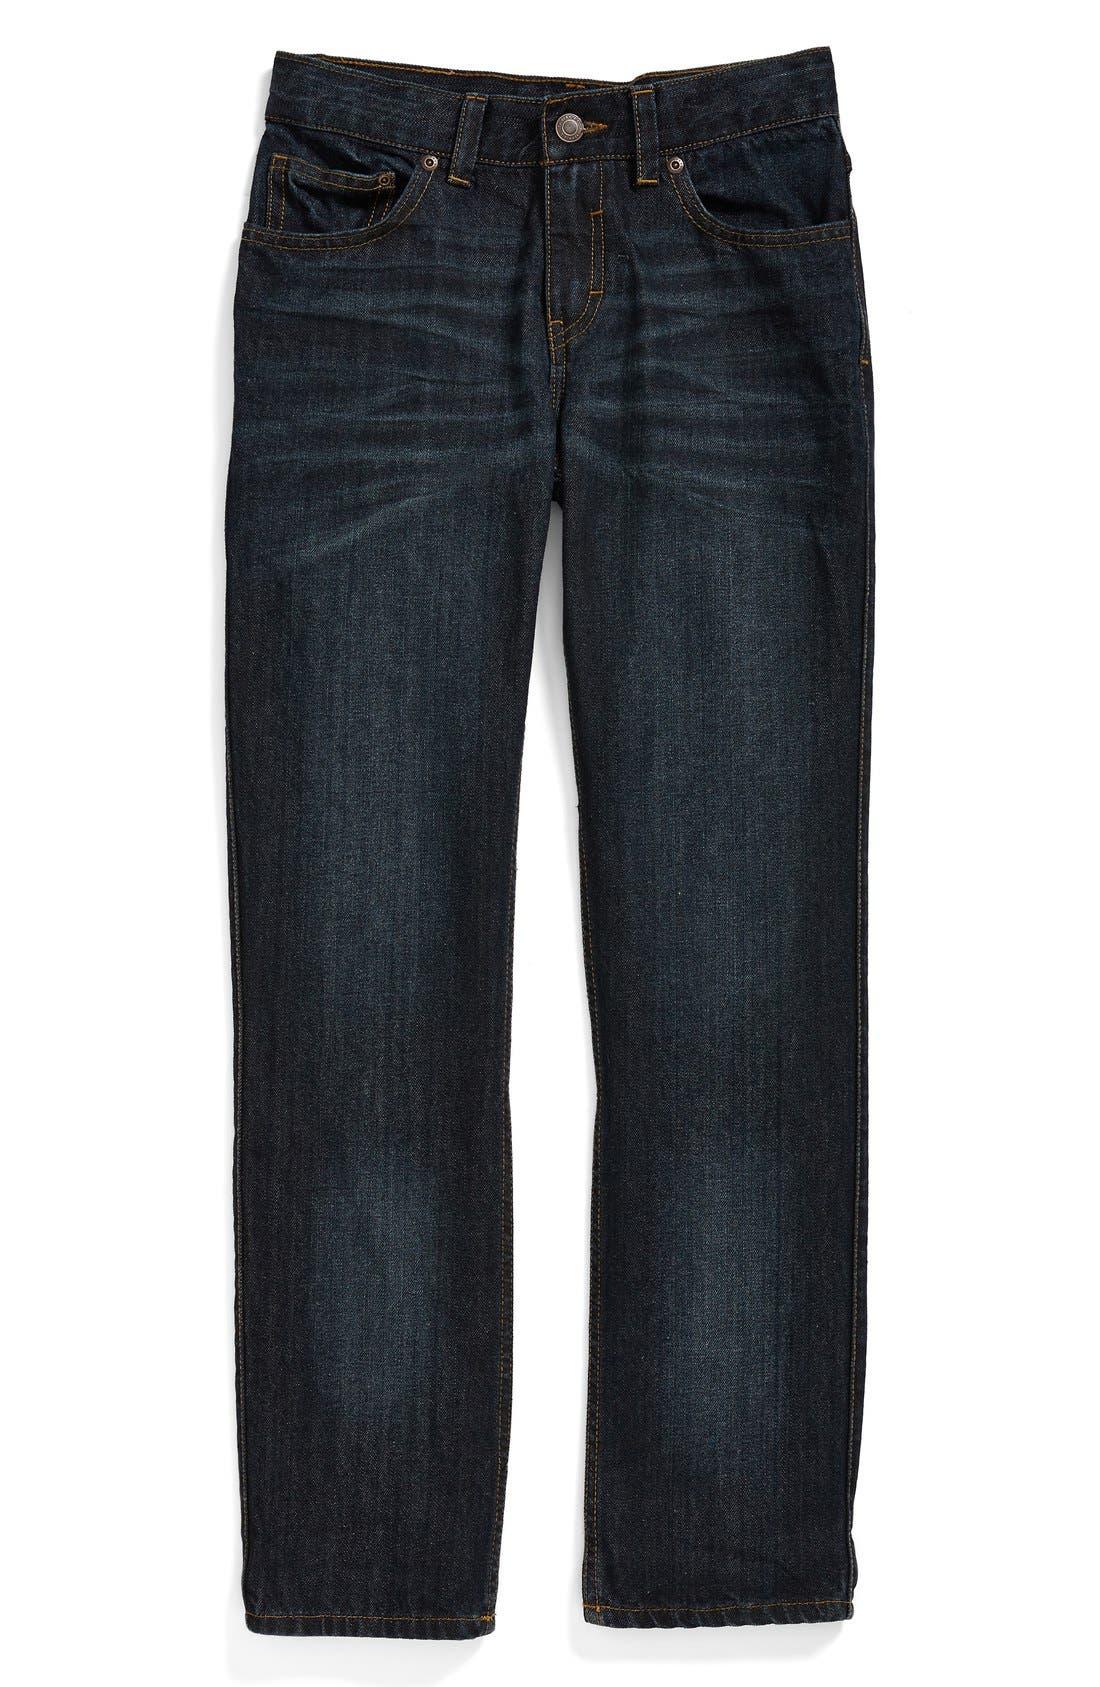 Alternate Image 1 Selected - Tucker + Tate 'Townsend' Straight Leg Jeans (Toddler Boys & Little Boys)